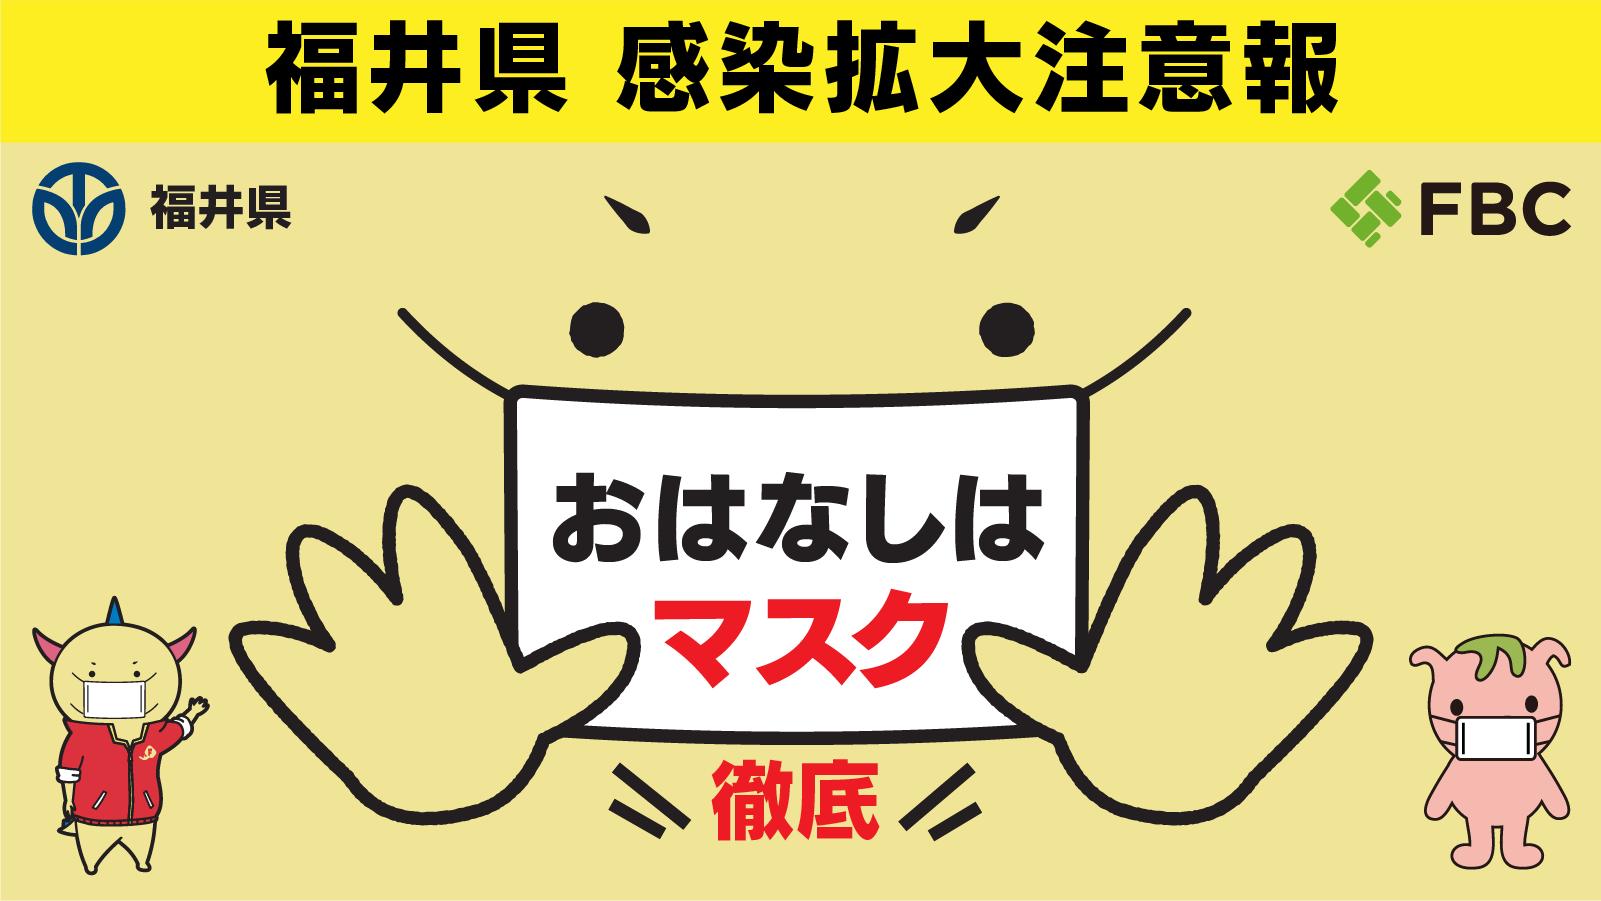 福井県感染拡大注意報